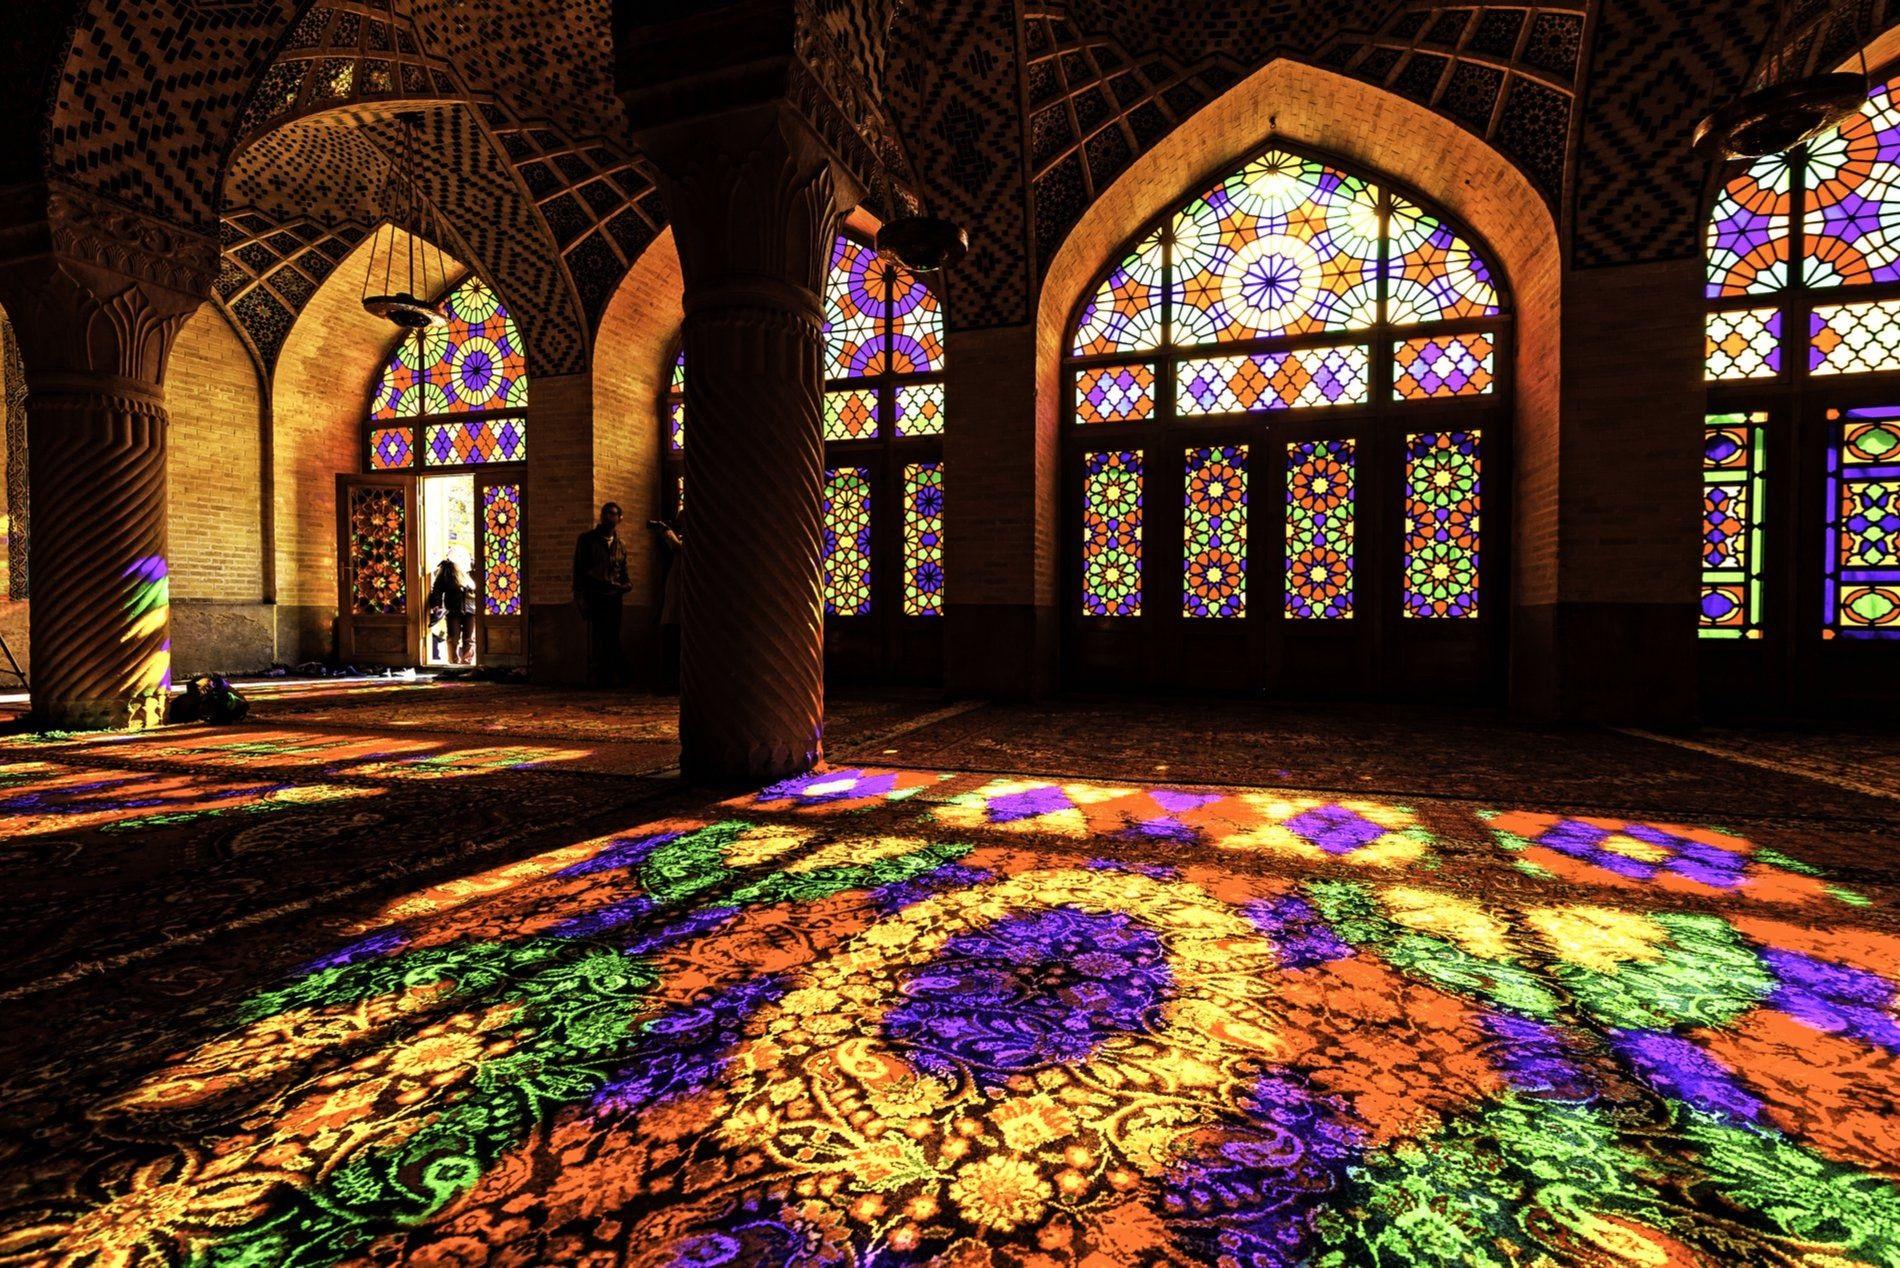 Nhà thờ Hồi giáo rực rỡ nhất thế giới có gì đặc biệt? Ảnh 5